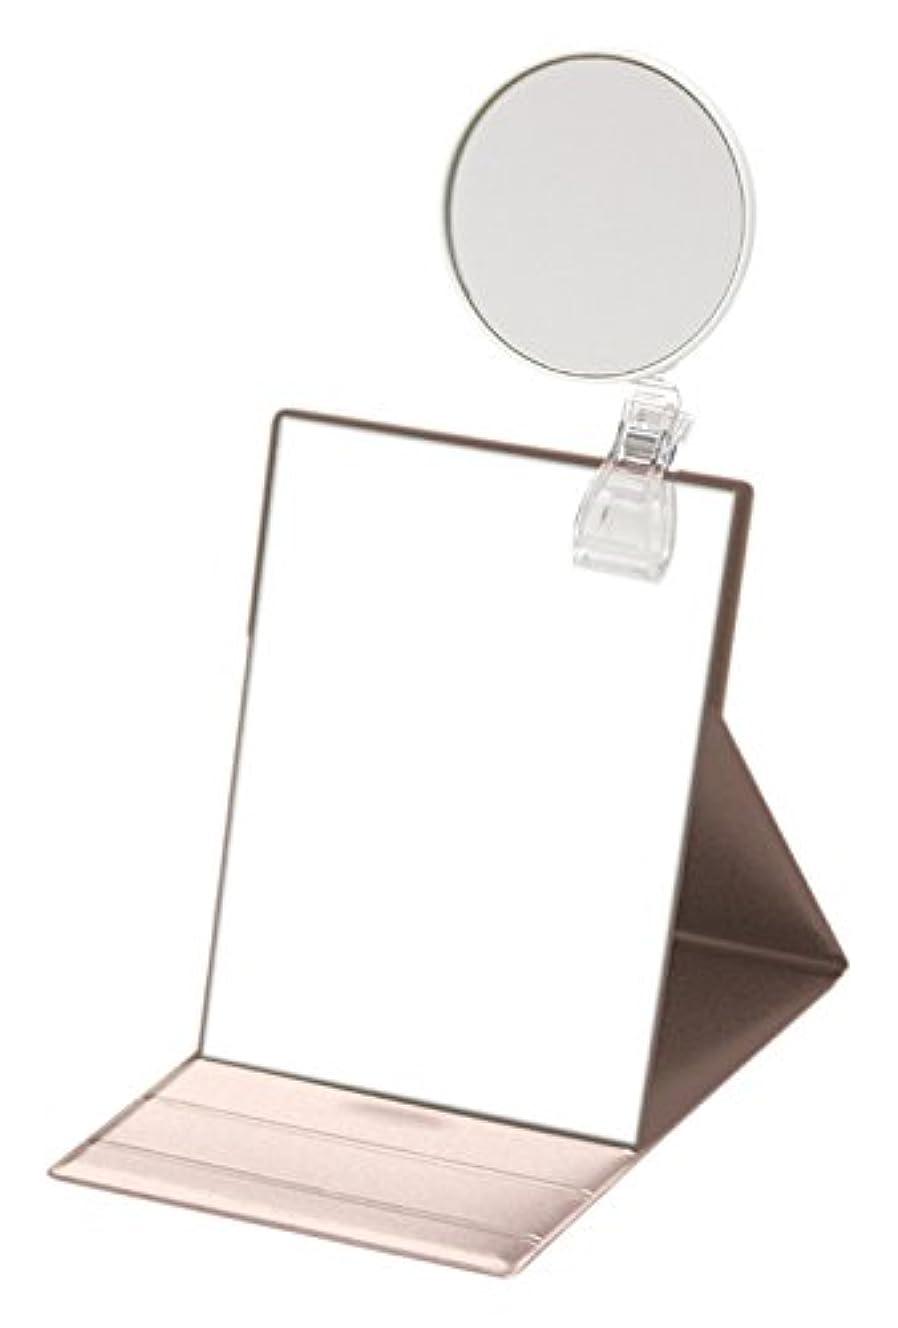 ビール首付添人ナピュアミラー 3倍拡大鏡付きプロモデル折立ナピュアミラーM ピンクゴールド HP-34×3